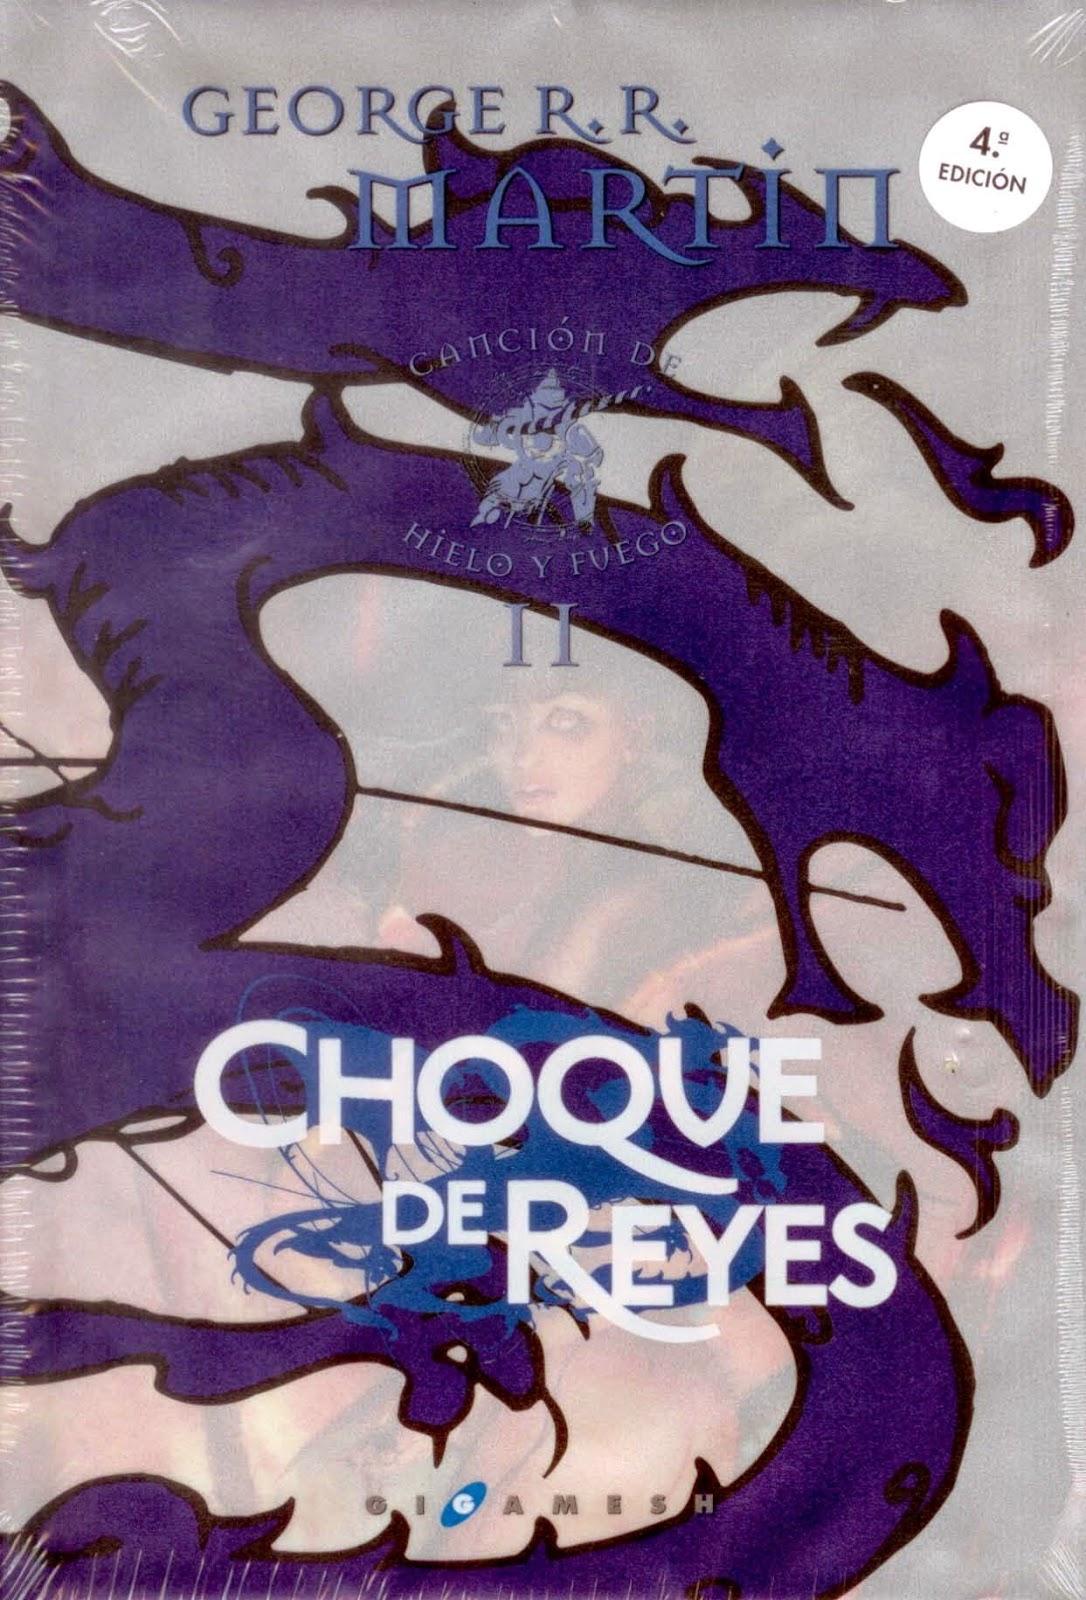 https://www.goodreads.com/book/show/10770824-choque-de-reyes